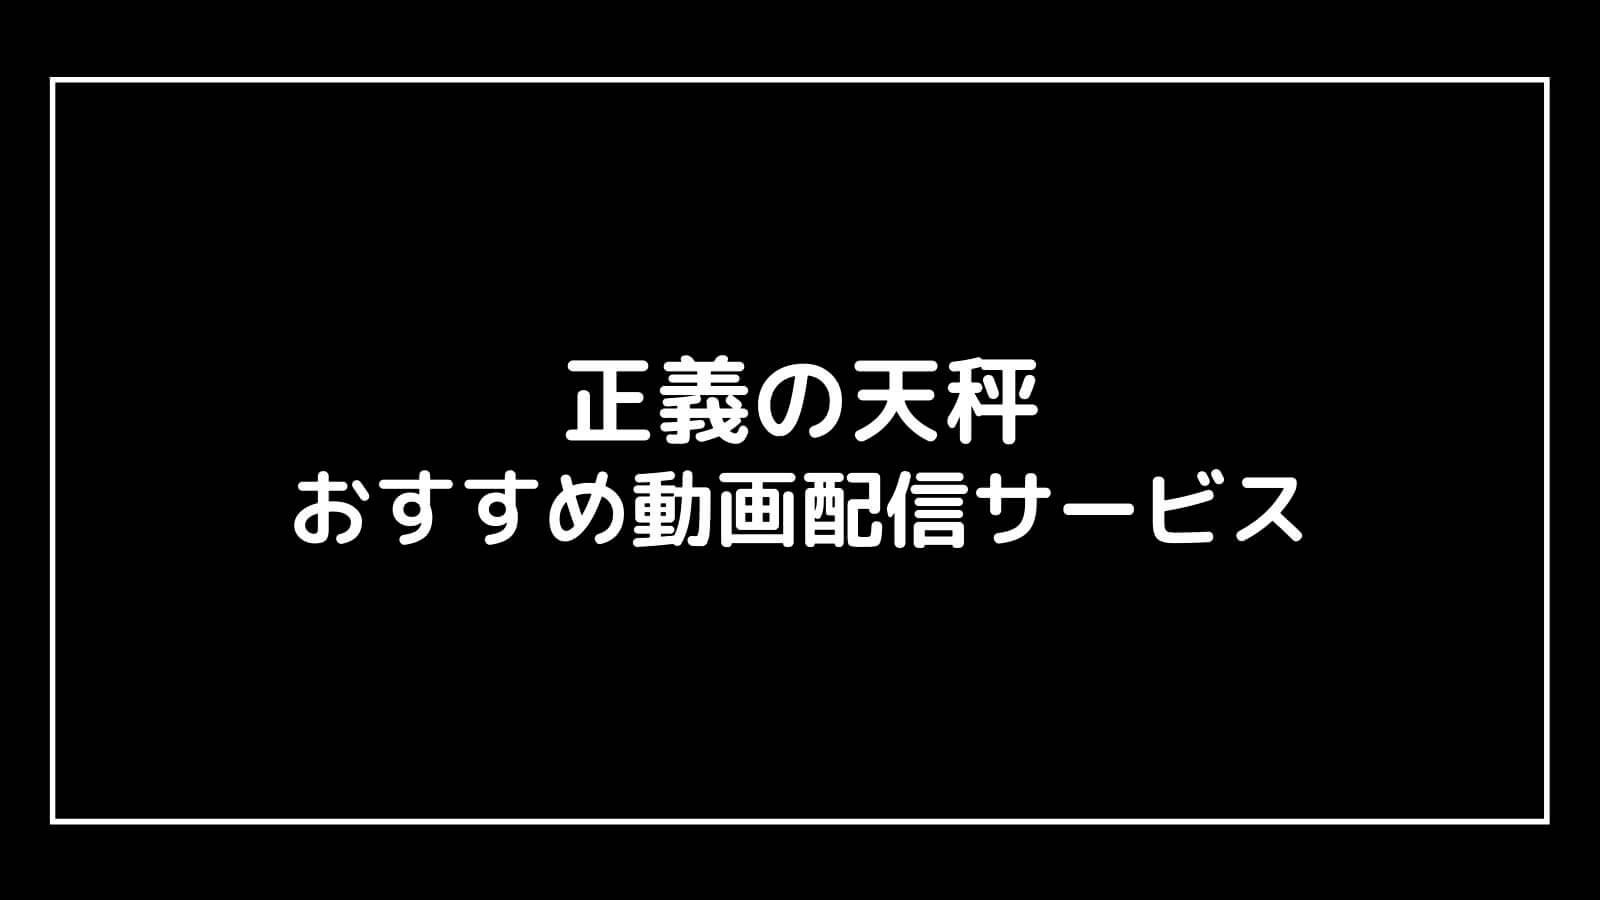 ドラマ『正義の天秤』の見逃し動画配信を無料視聴できるおすすめサブスクまとめ